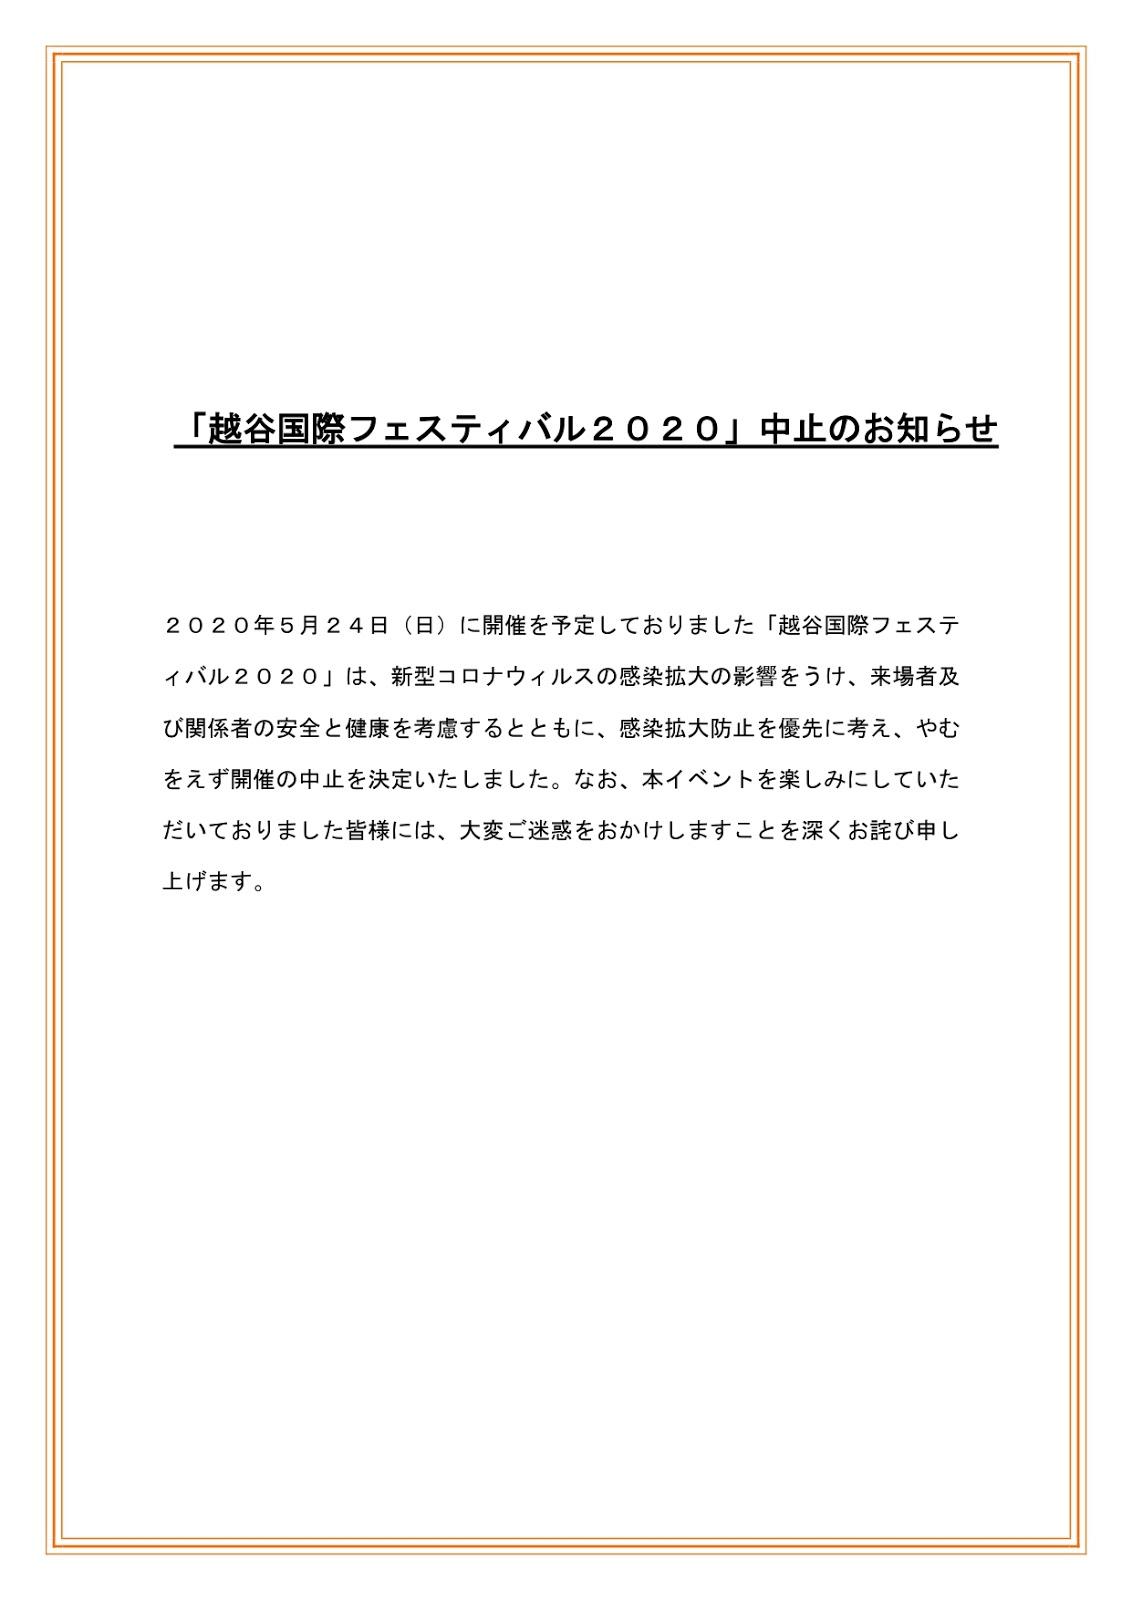 )越谷国際フェスティバル2020中止のお知らせ